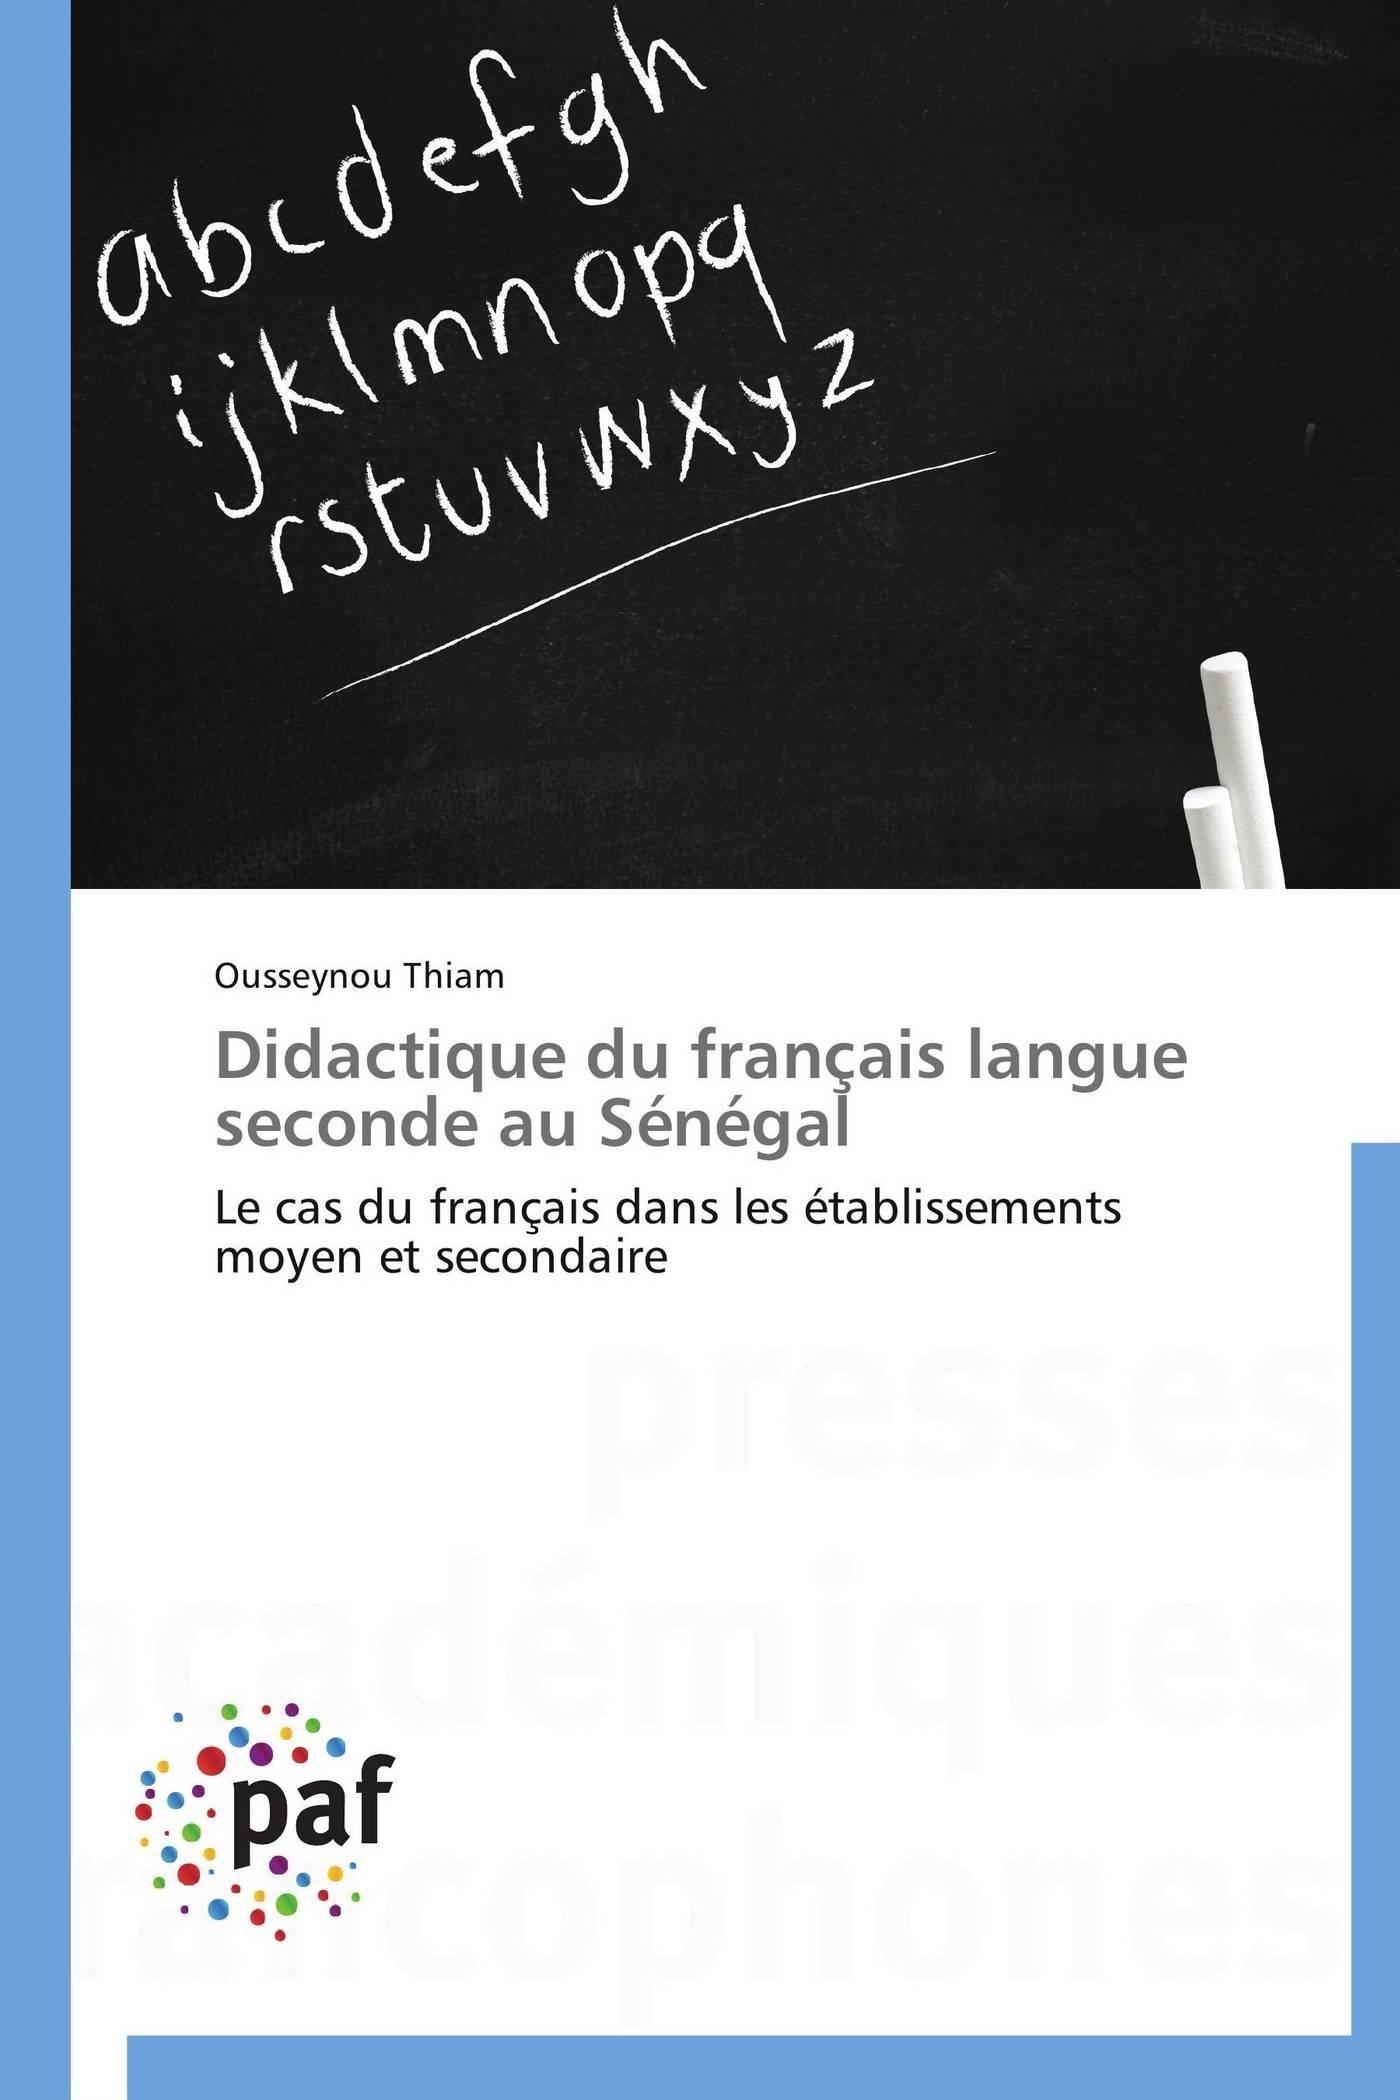 DIDACTIQUE DU FRANCAIS LANGUE SECONDE AU SENEGAL